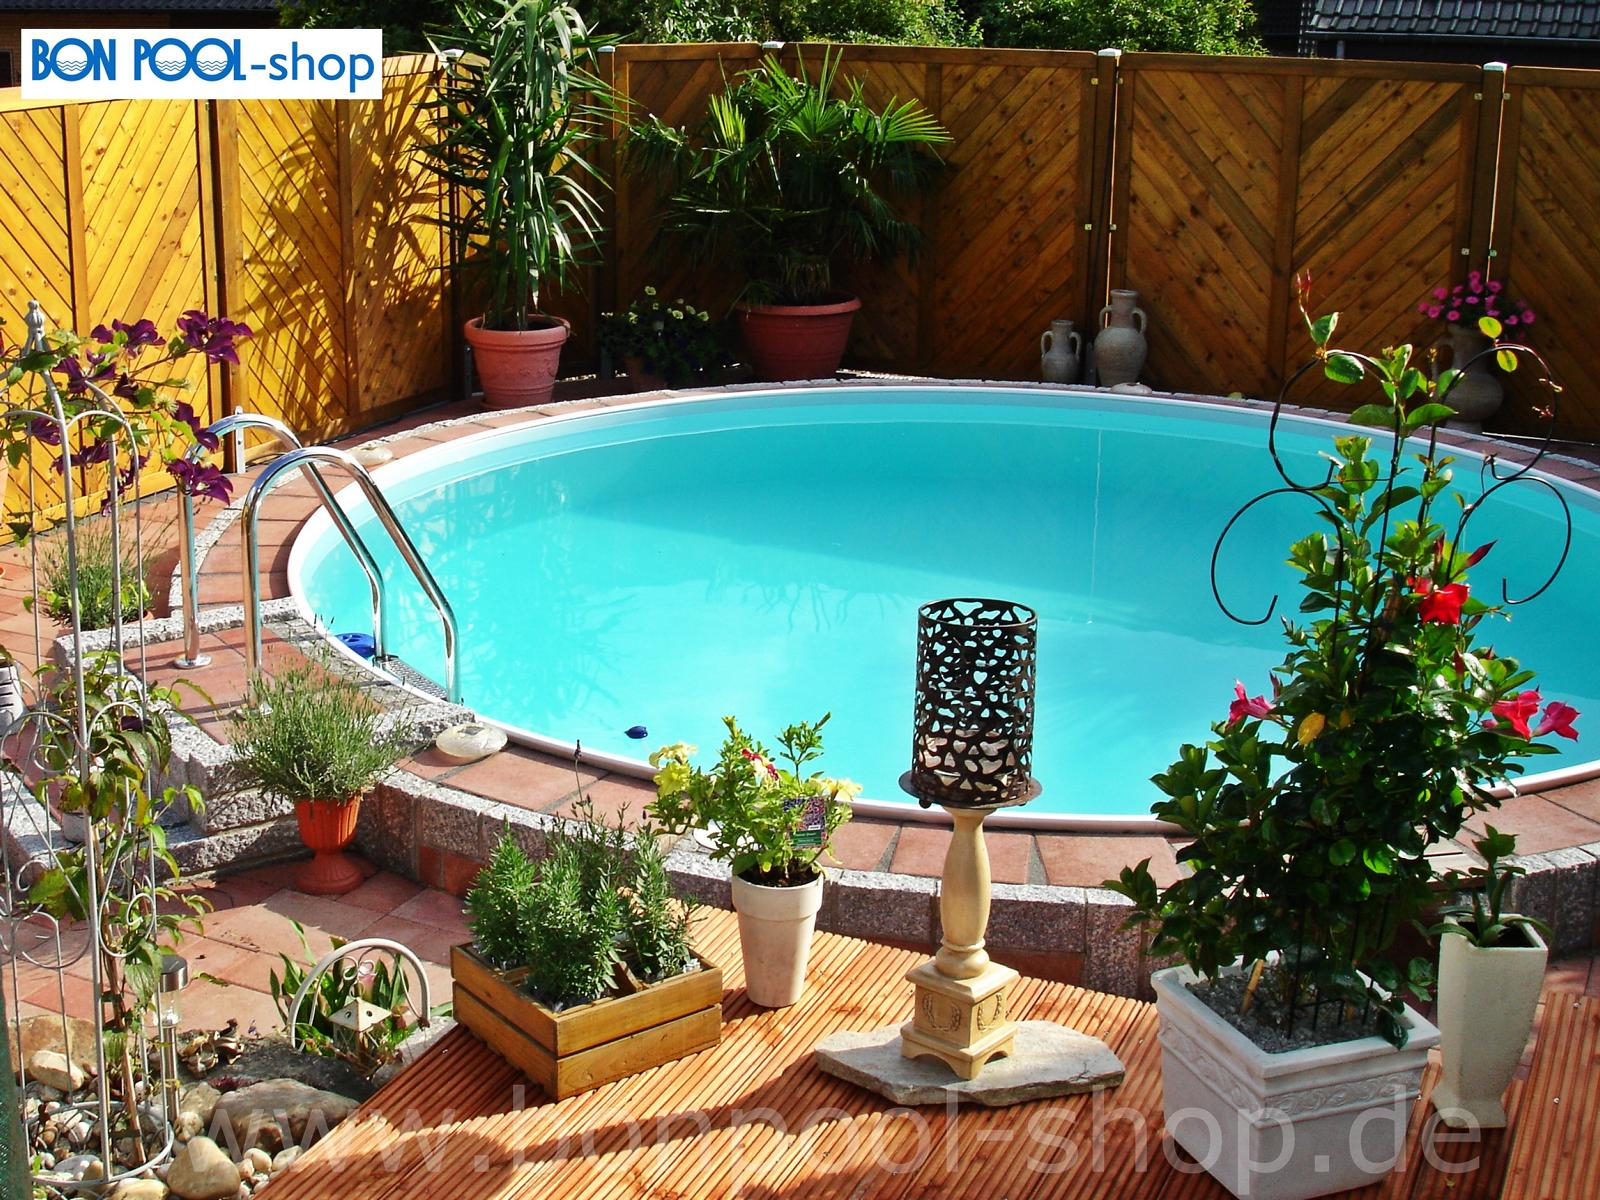 Bekannte pool 4m durchmesser te56 kyushucon Schwimmbecken bei obi